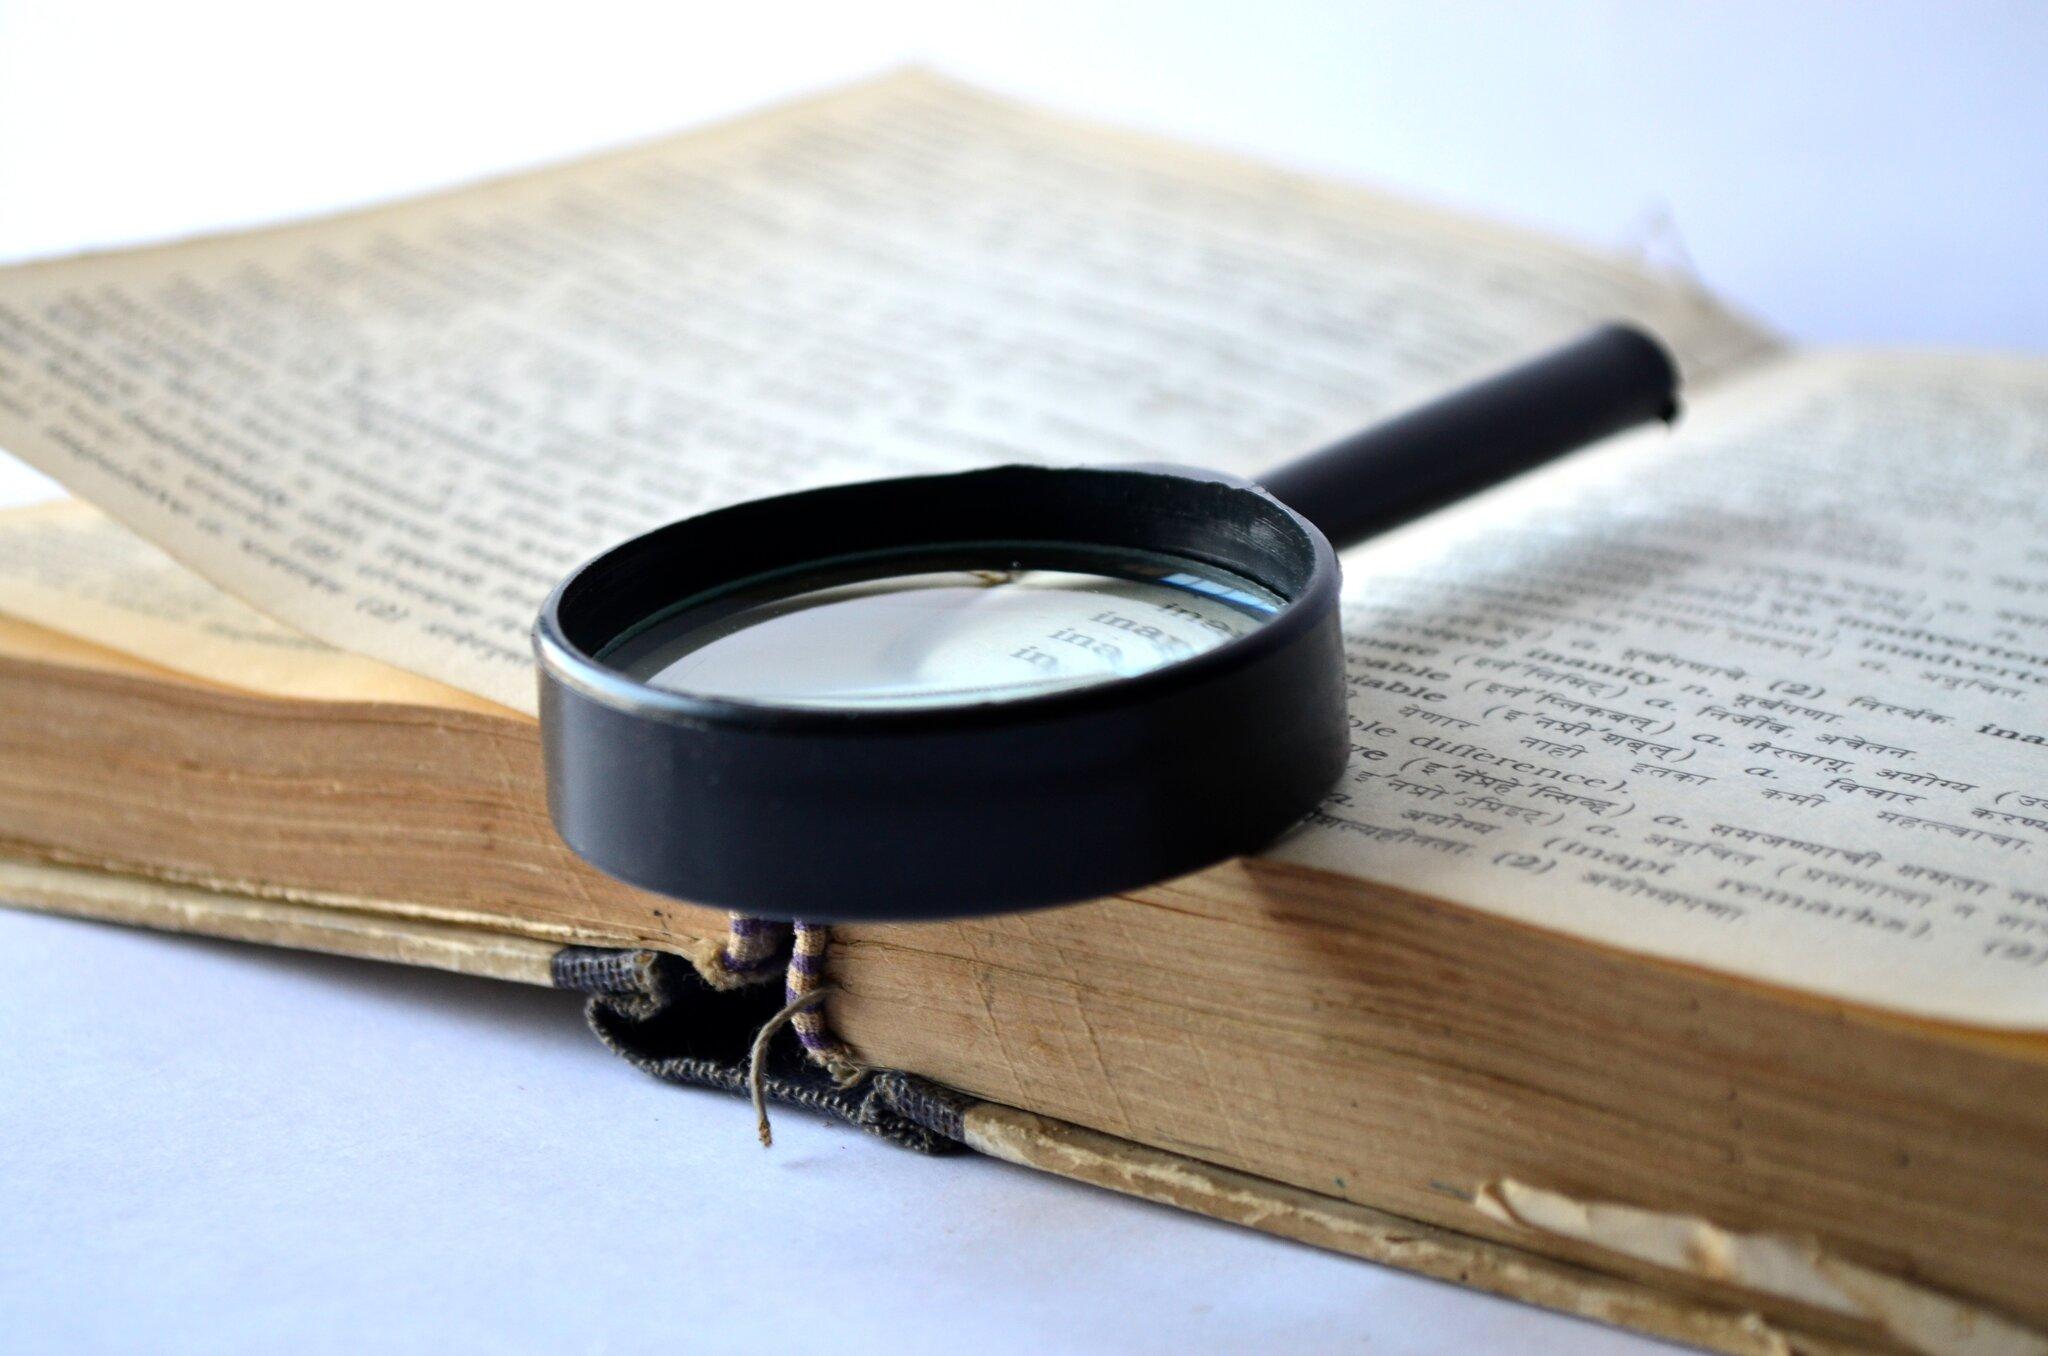 Słownik_intro Źródło: www.pixabay.com, fotografia barwna, domena publiczna.